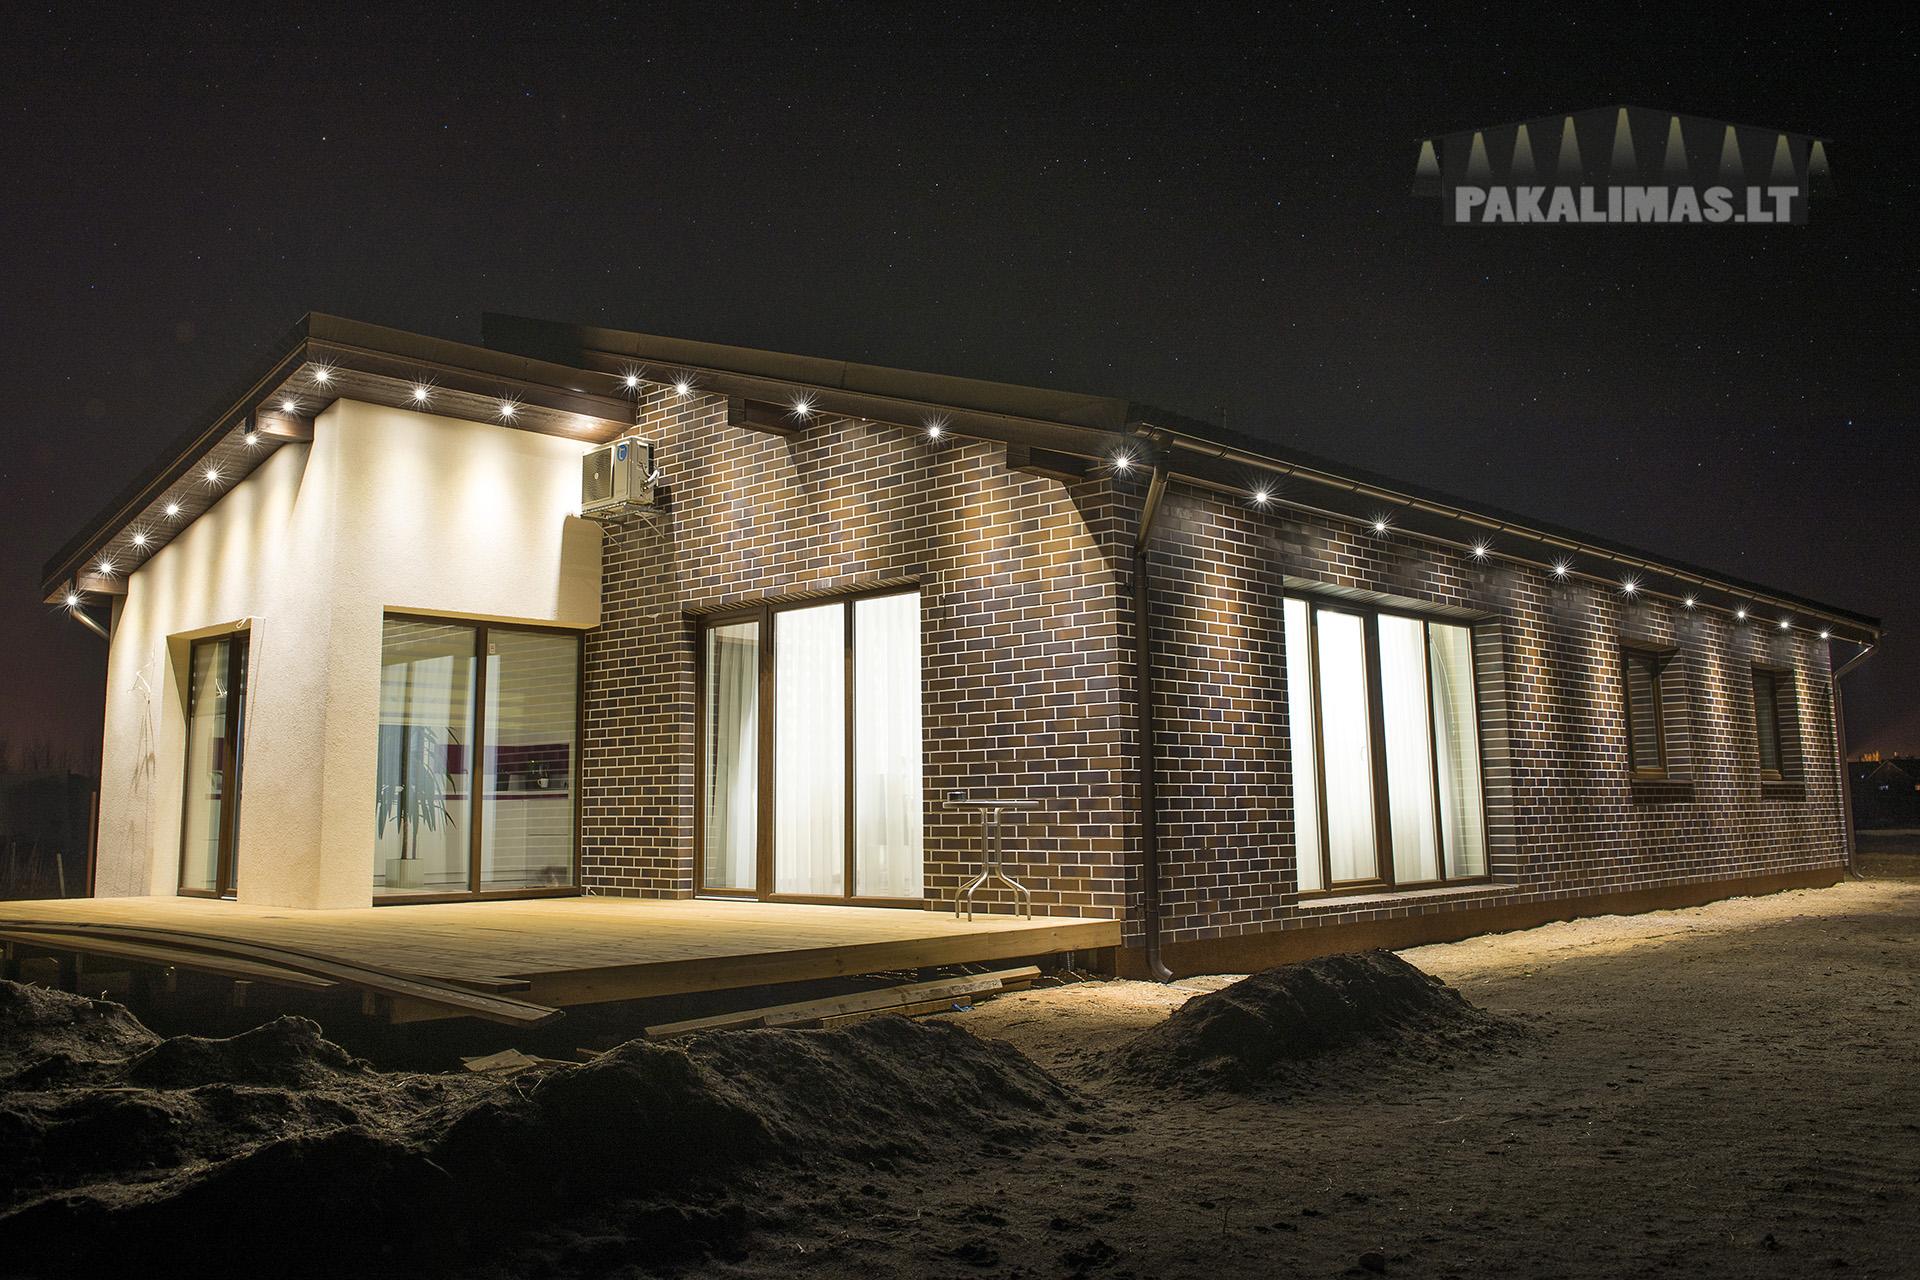 LED apšvietimas pakalimuose